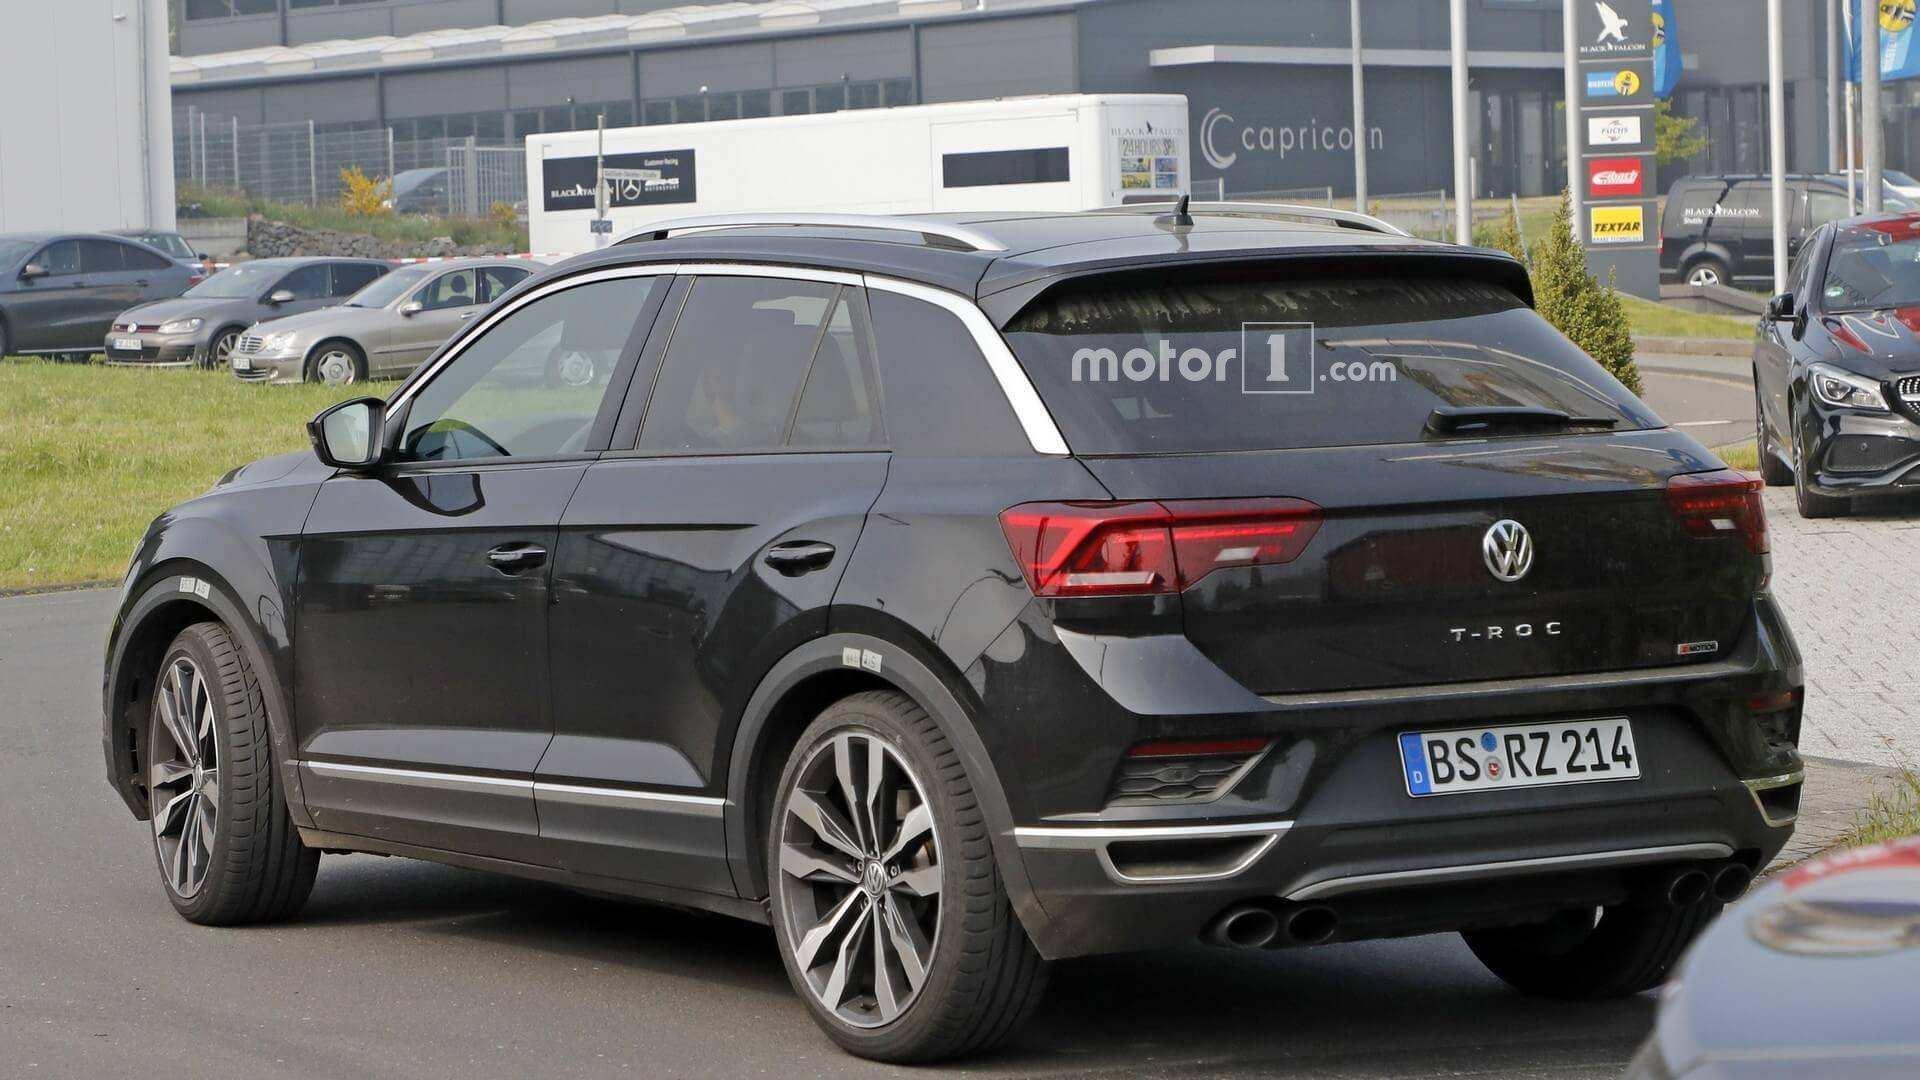 32 New 2019 Volkswagen T Roc Rumors for 2019 Volkswagen T Roc